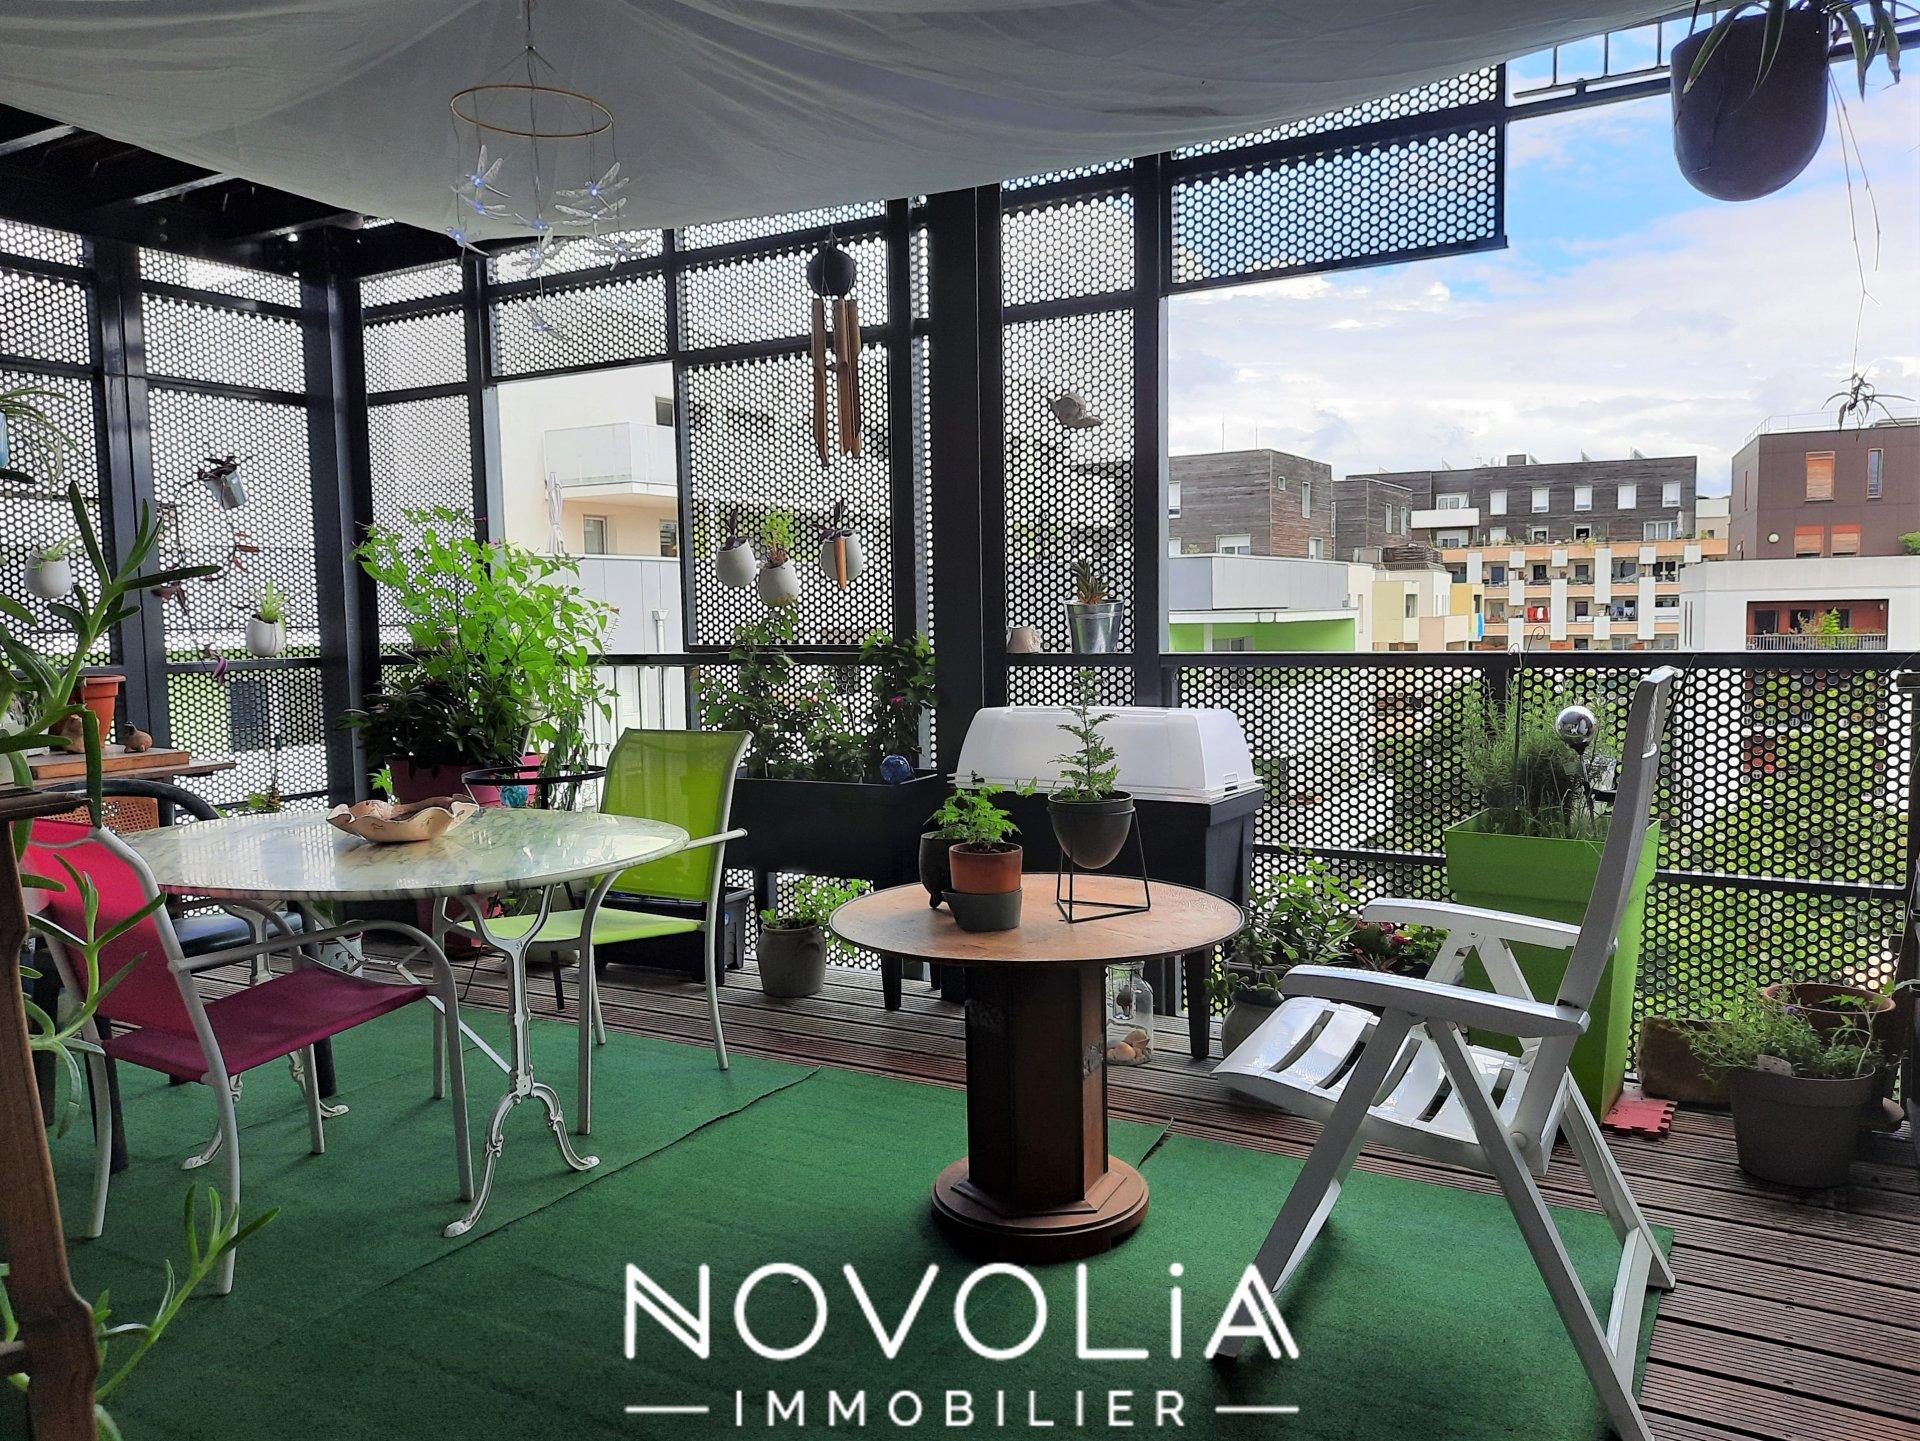 Achat Appartement Surface de 72 m², 3 pièces, Lyon 7ème (69007)